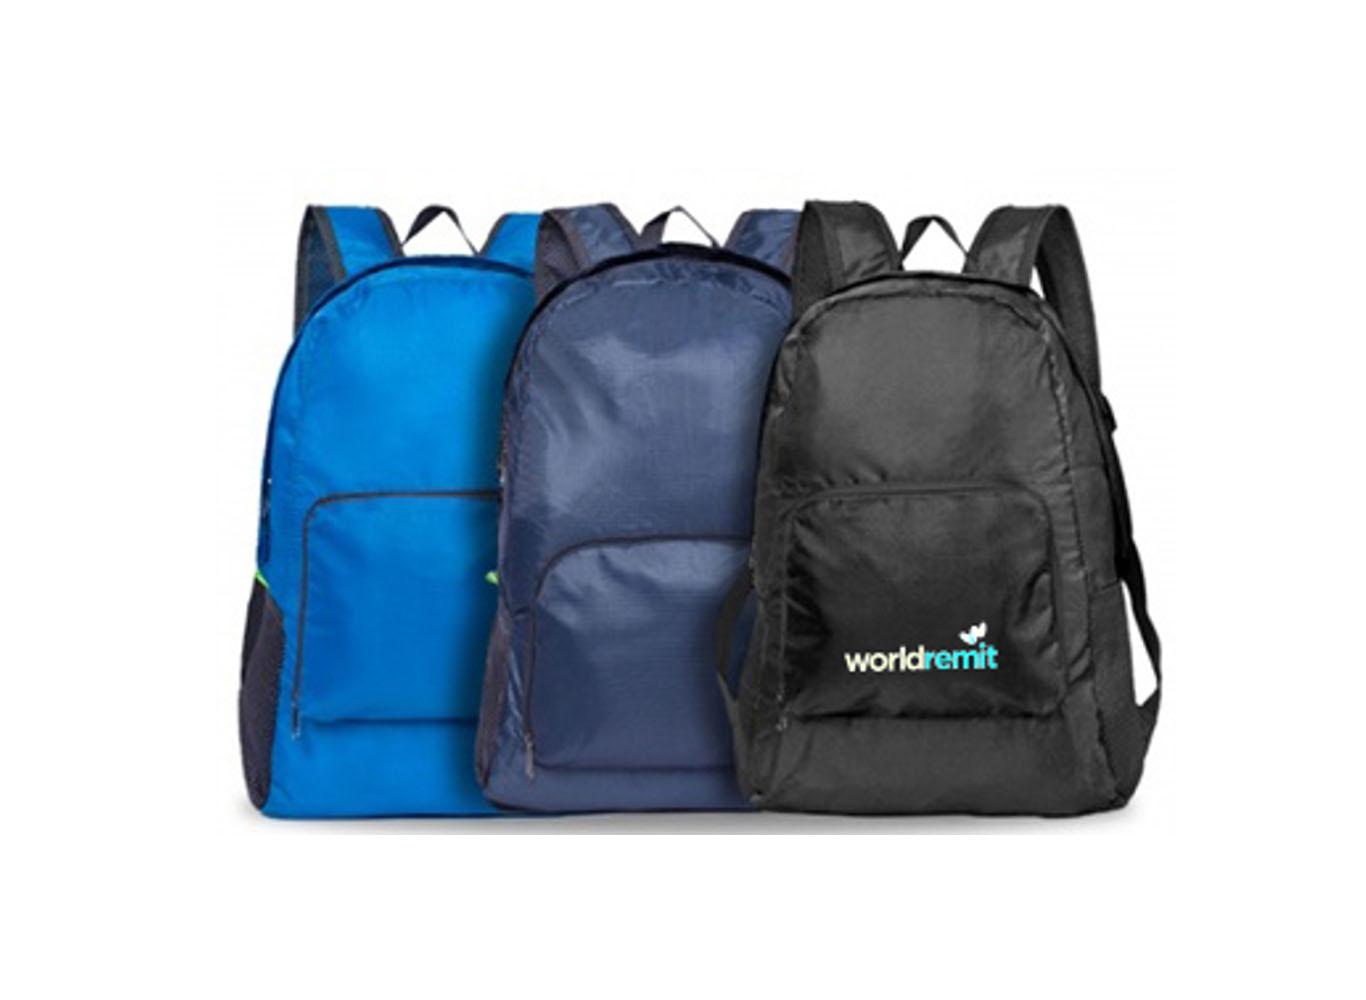 RPET Foldup Backpack